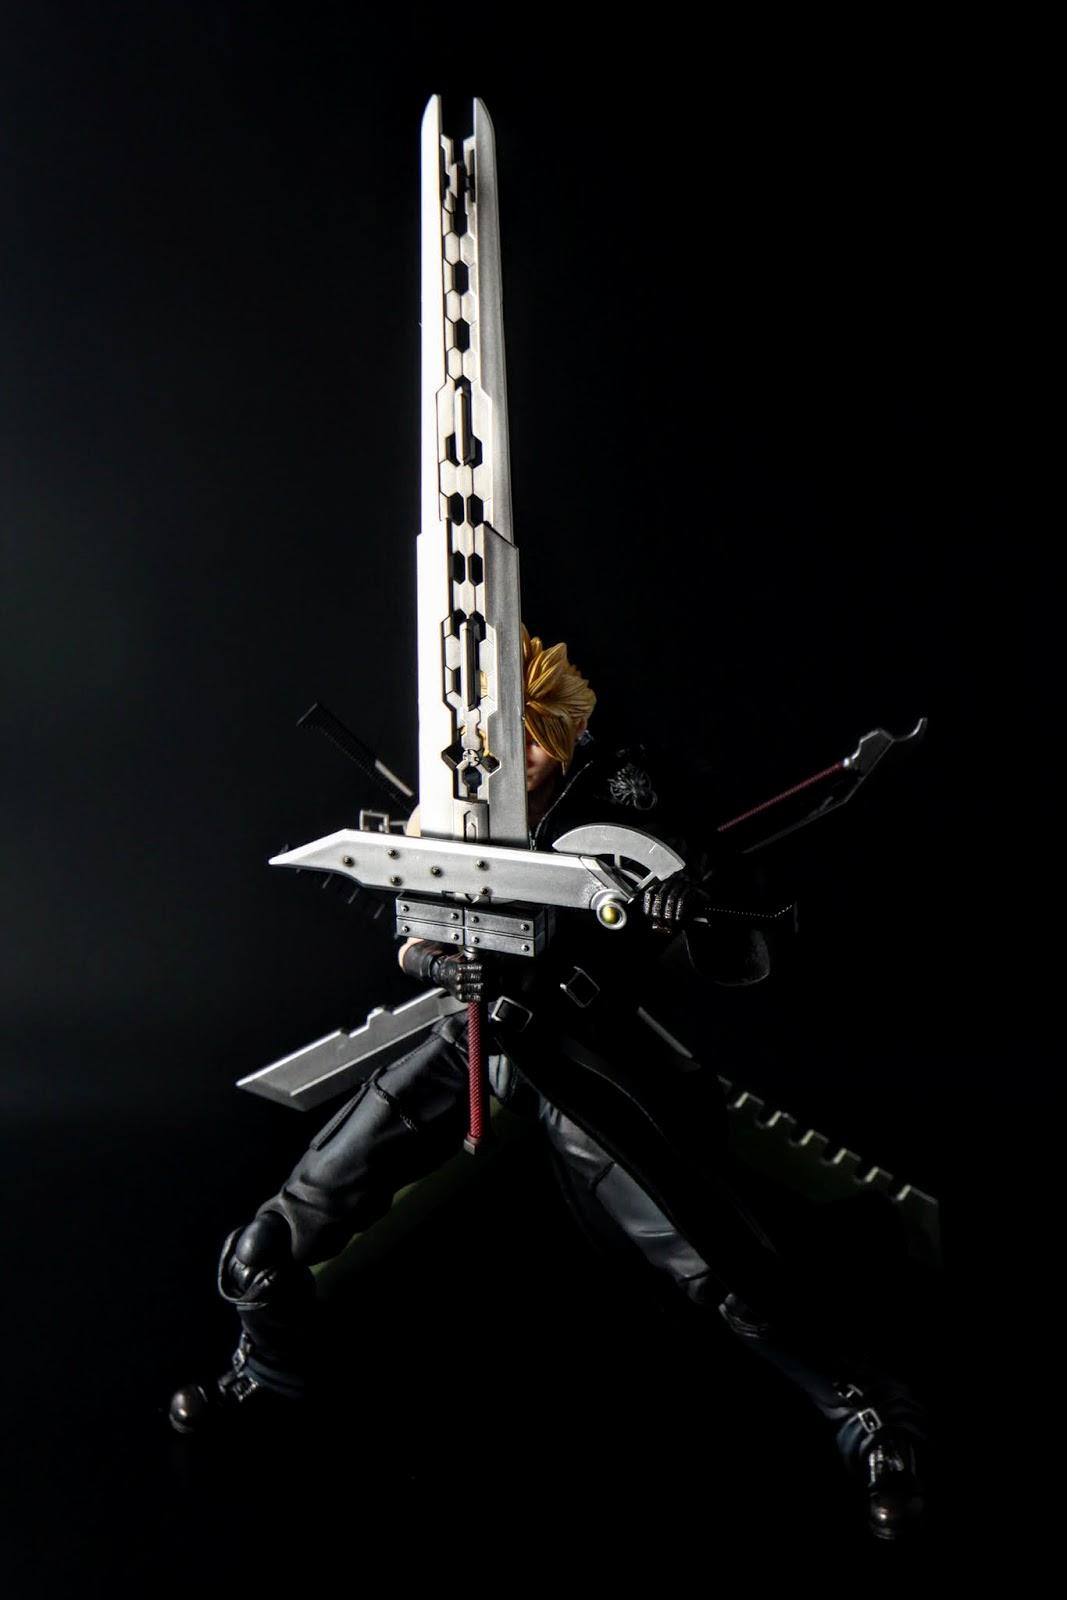 這一把是母刀,合體大劍的主體,只有一把沒錯